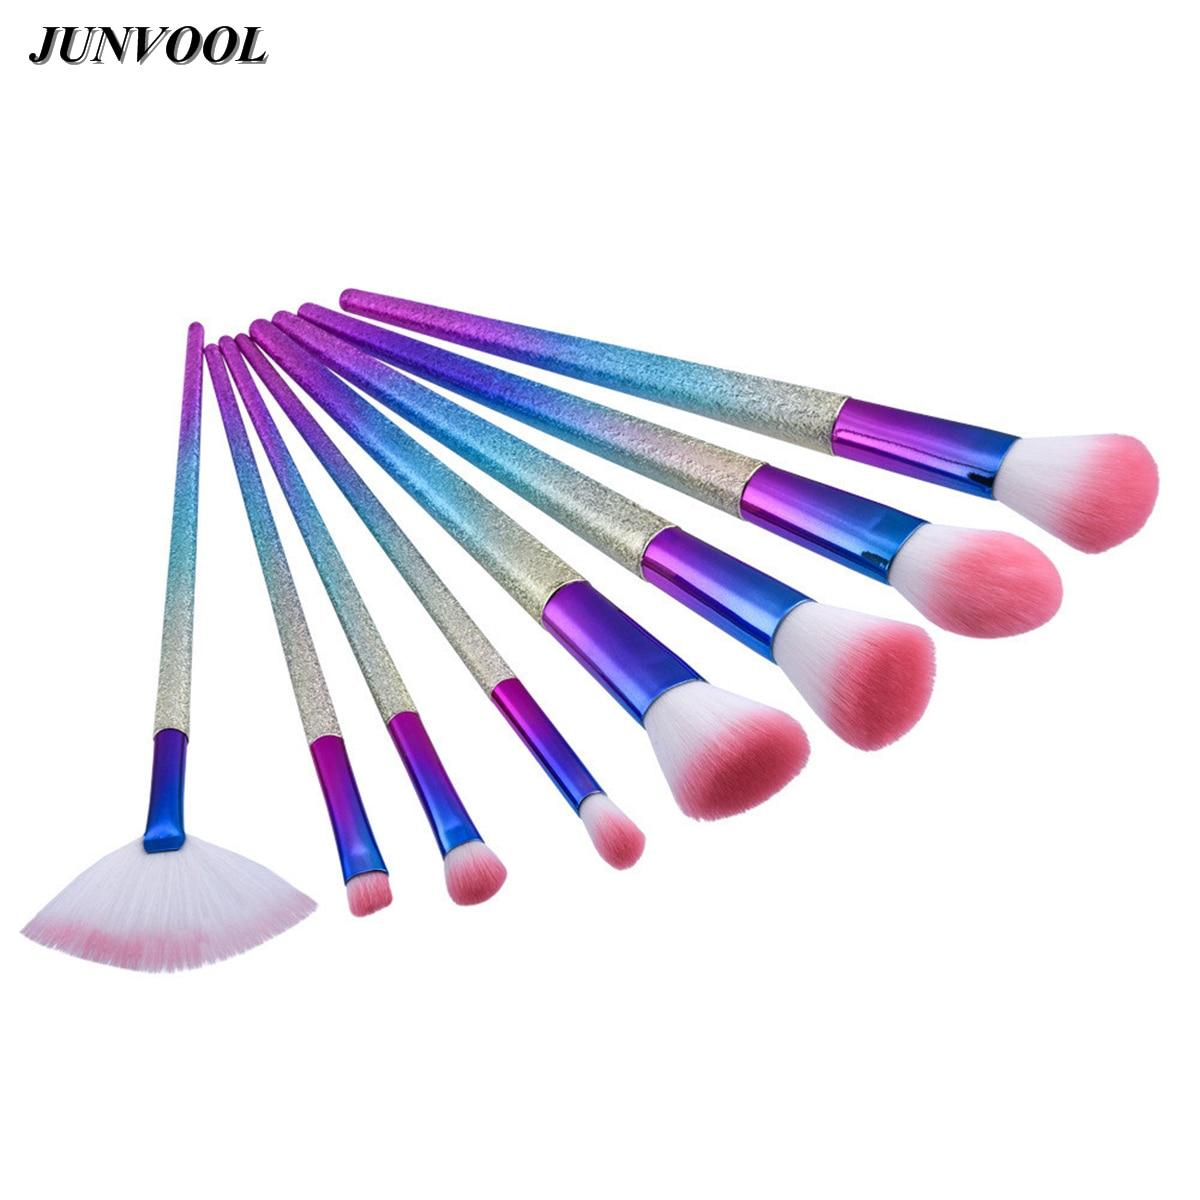 Fantasy Rainbow Makeup Brushes 8PCS Colorful Frosted Glitter Foundation Powder Eyeshadow Kit Gradient Color Makeup Fan Brush Set fan makeup brush set 9pcs rainbow diy